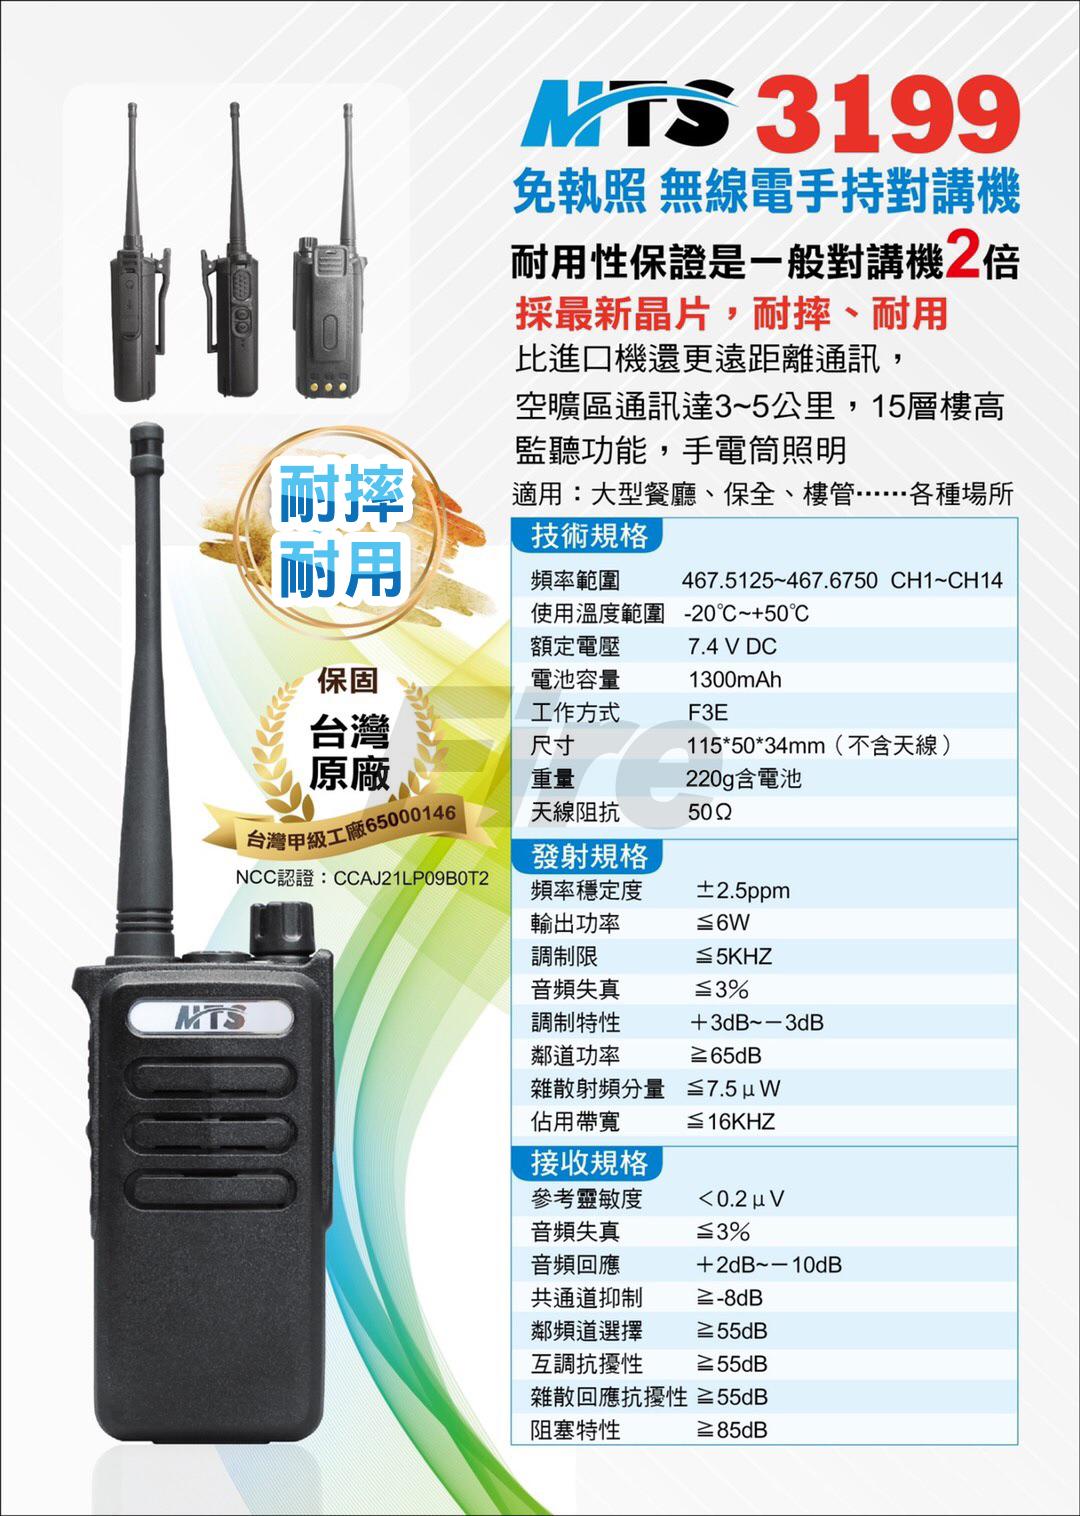 《光華車神》 MTS 3199 免執照 無線電 對講機 MTS-3199 手持式 耐摔耐用 遠距通訊